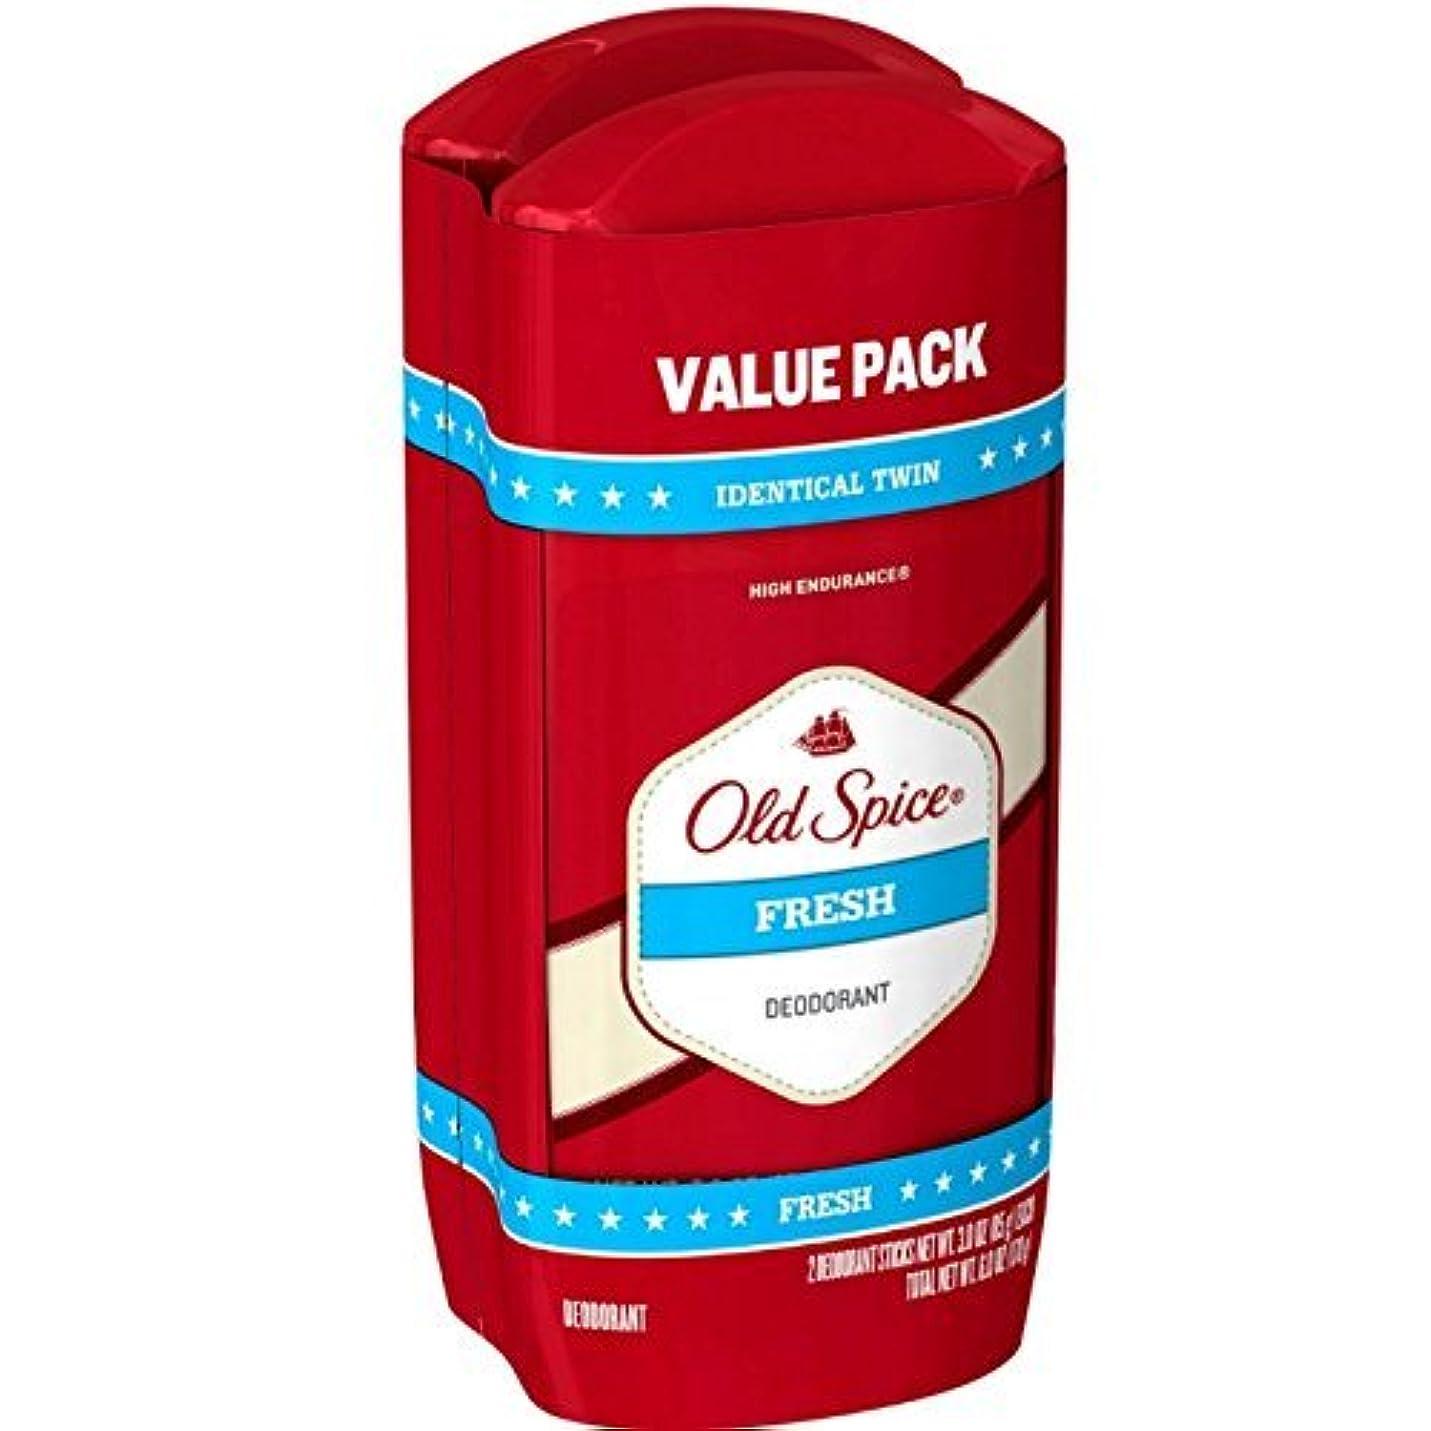 わなワーカー希少性Old Spice デオドラント3オンス新鮮なソリッド二アットワンス(88Ml)(2パック)